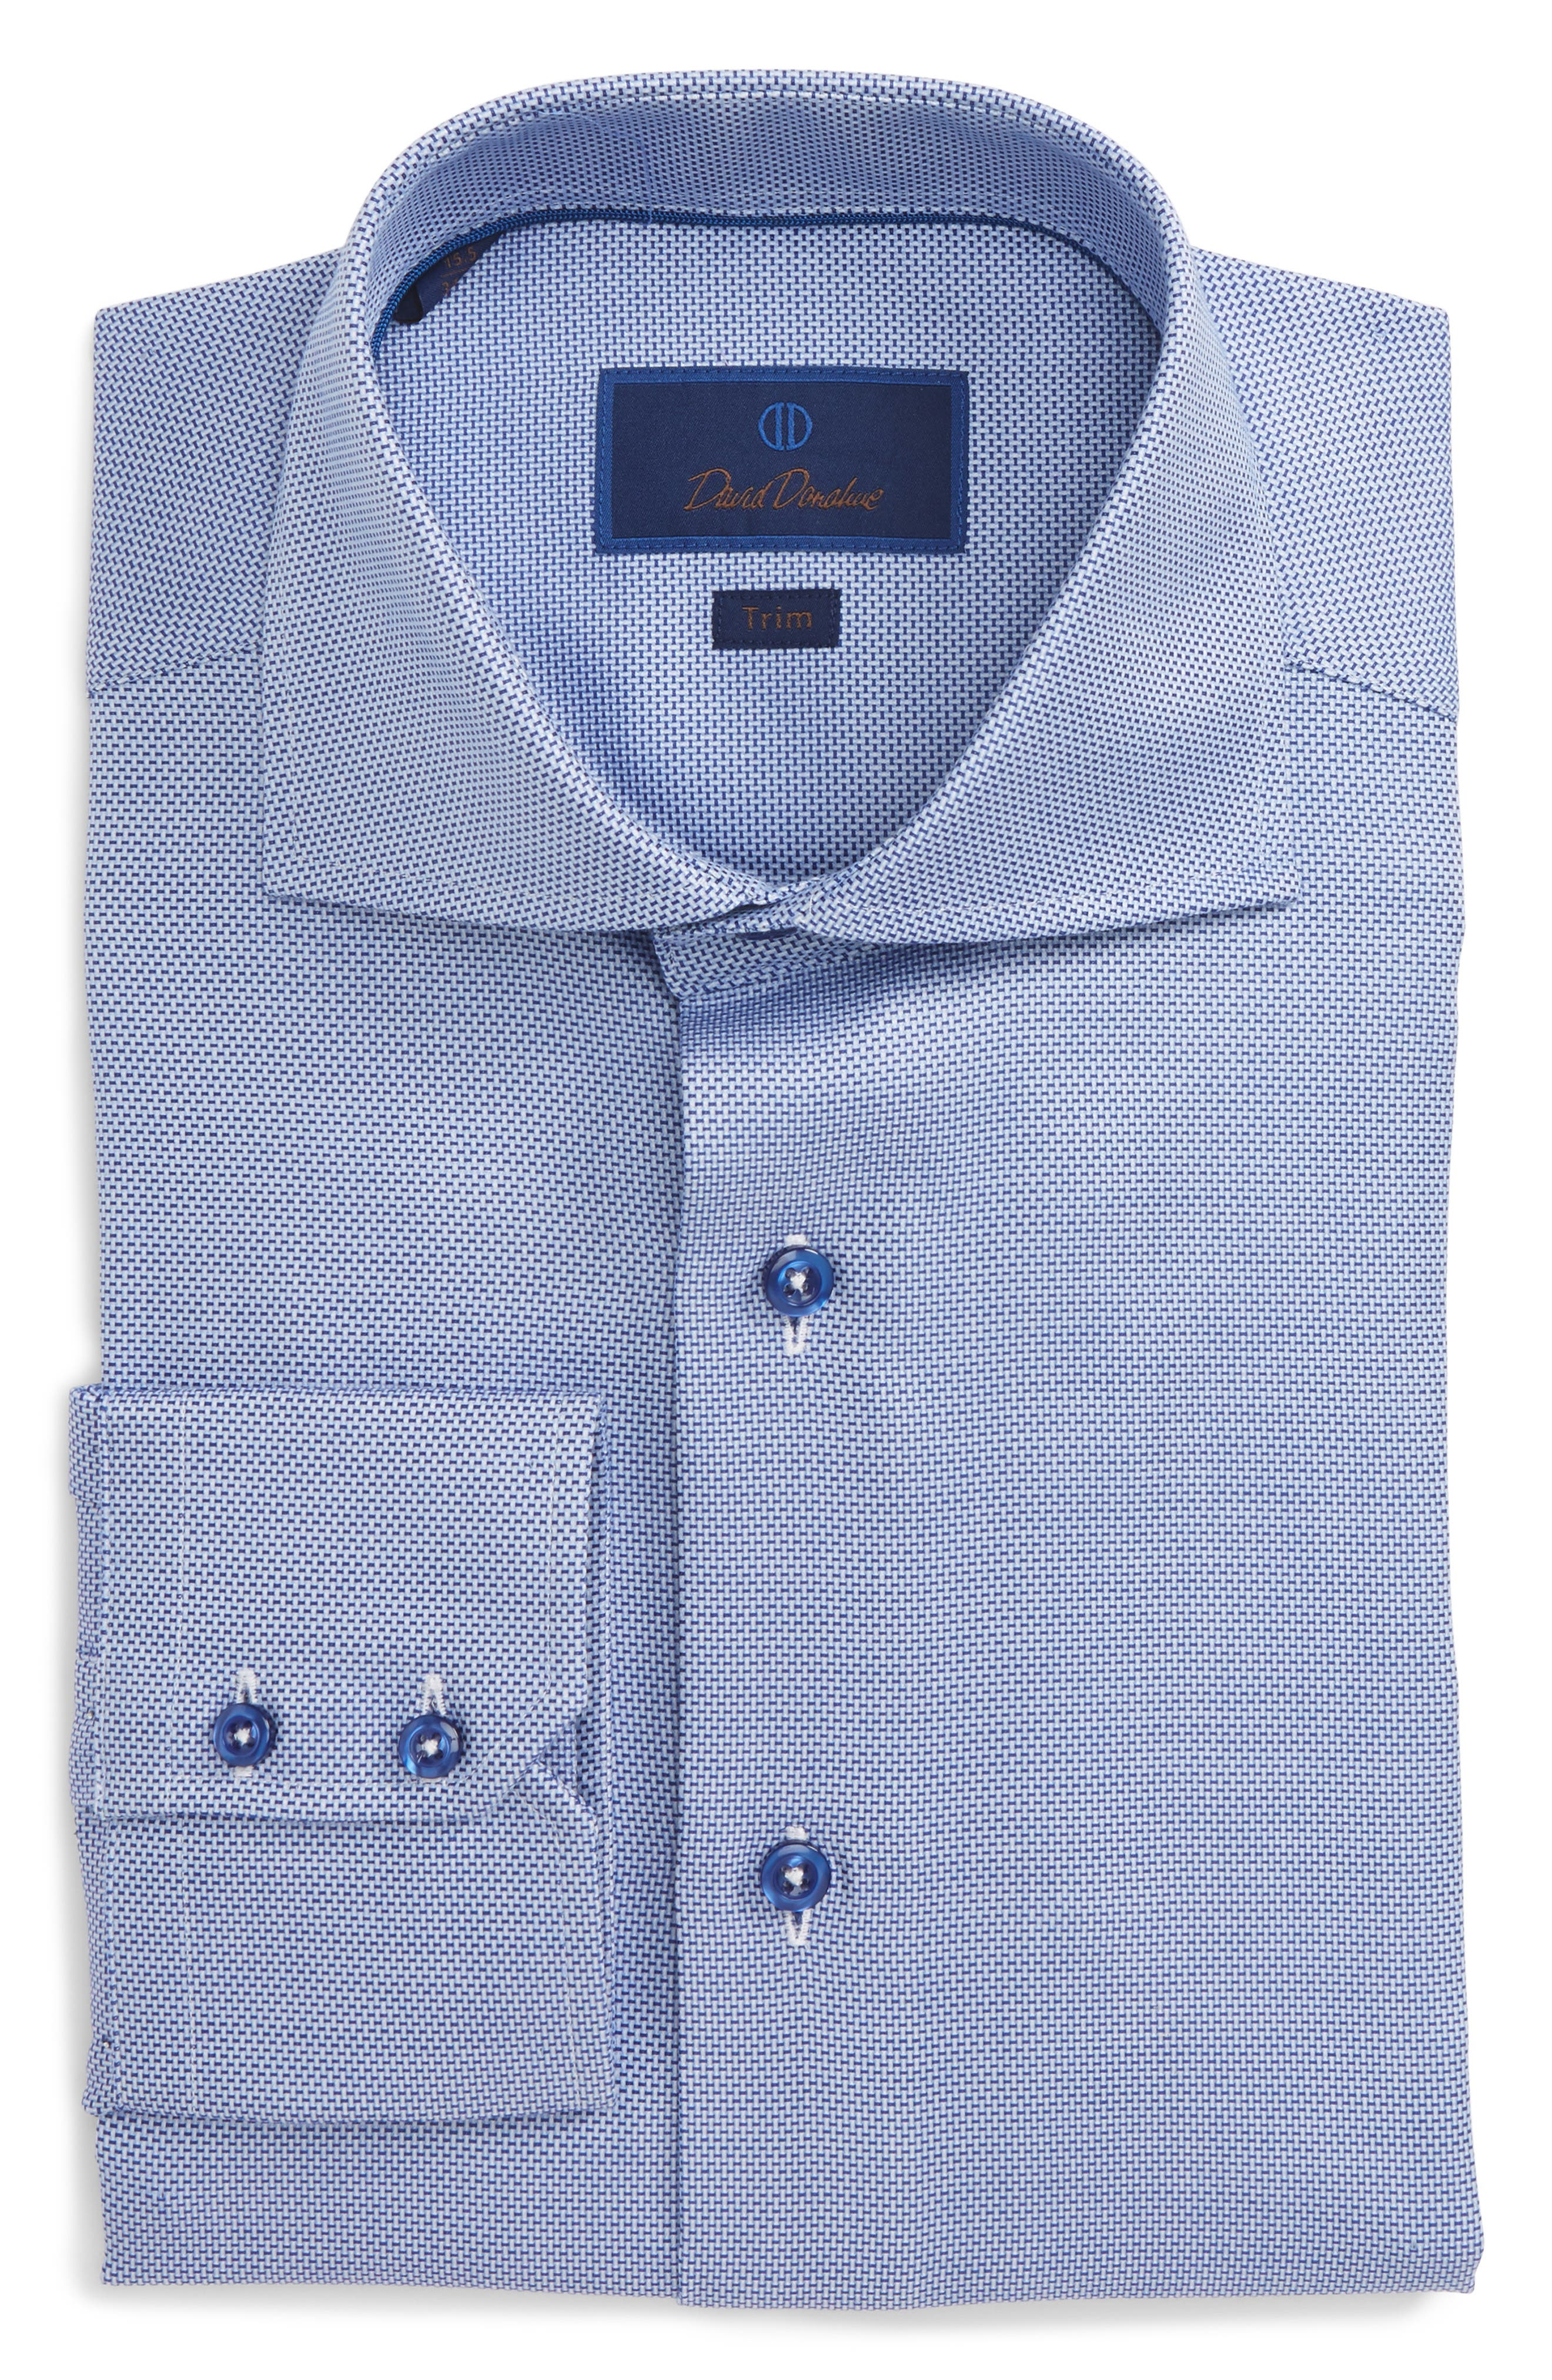 Trim Fit Solid Dress Shirt,                         Main,                         color, 423